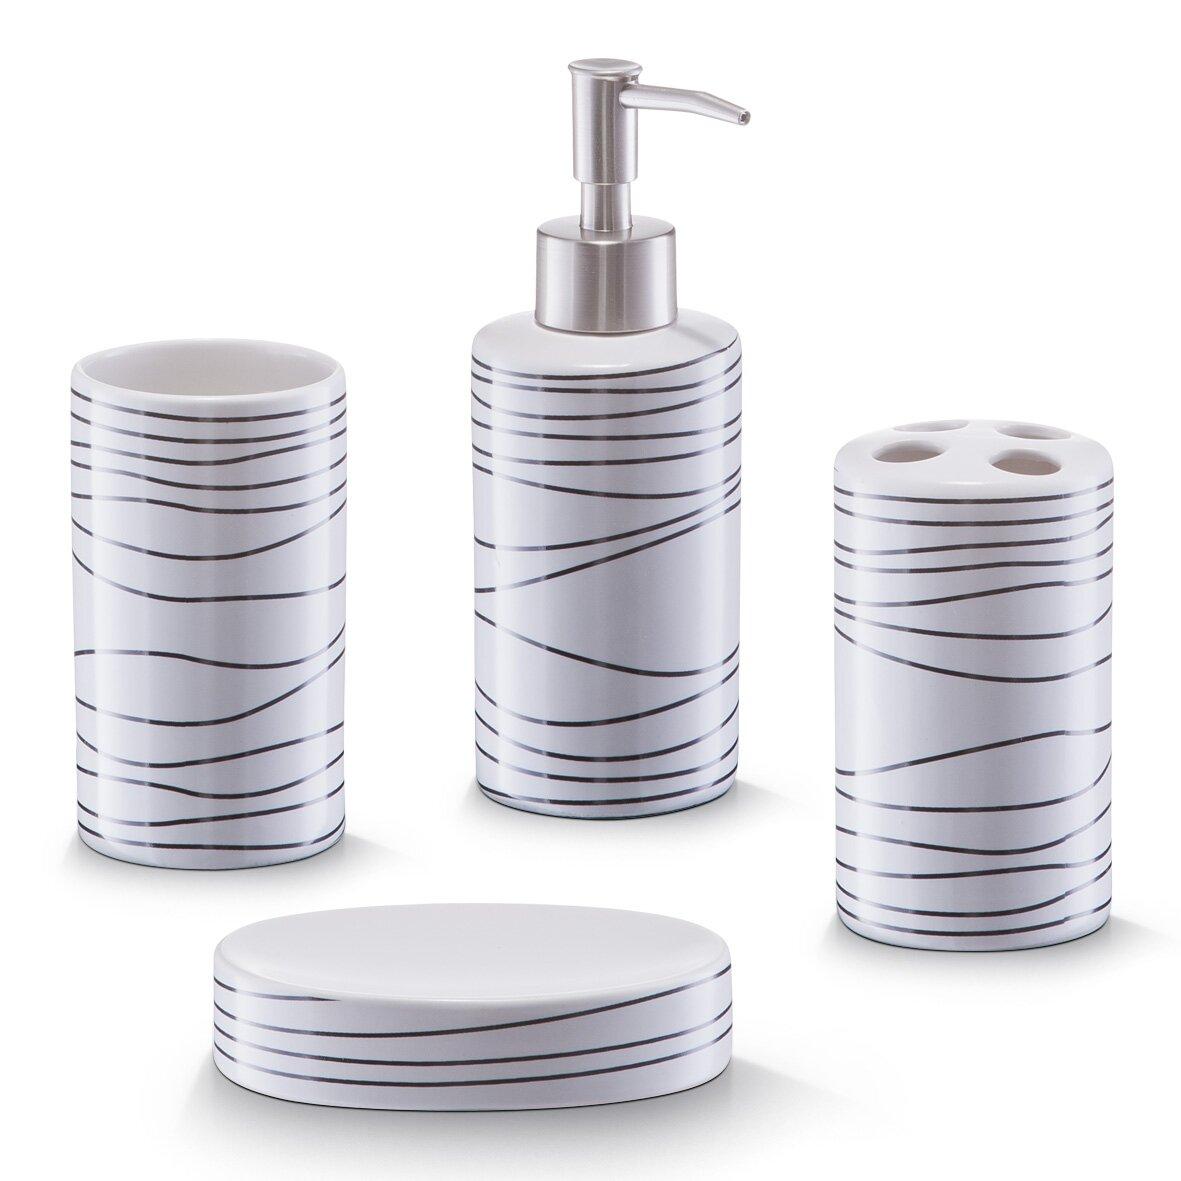 Badezimmer zubehör  Zeller Badezimmer-Zubehör-Set & Bewertungen | Wayfair.de